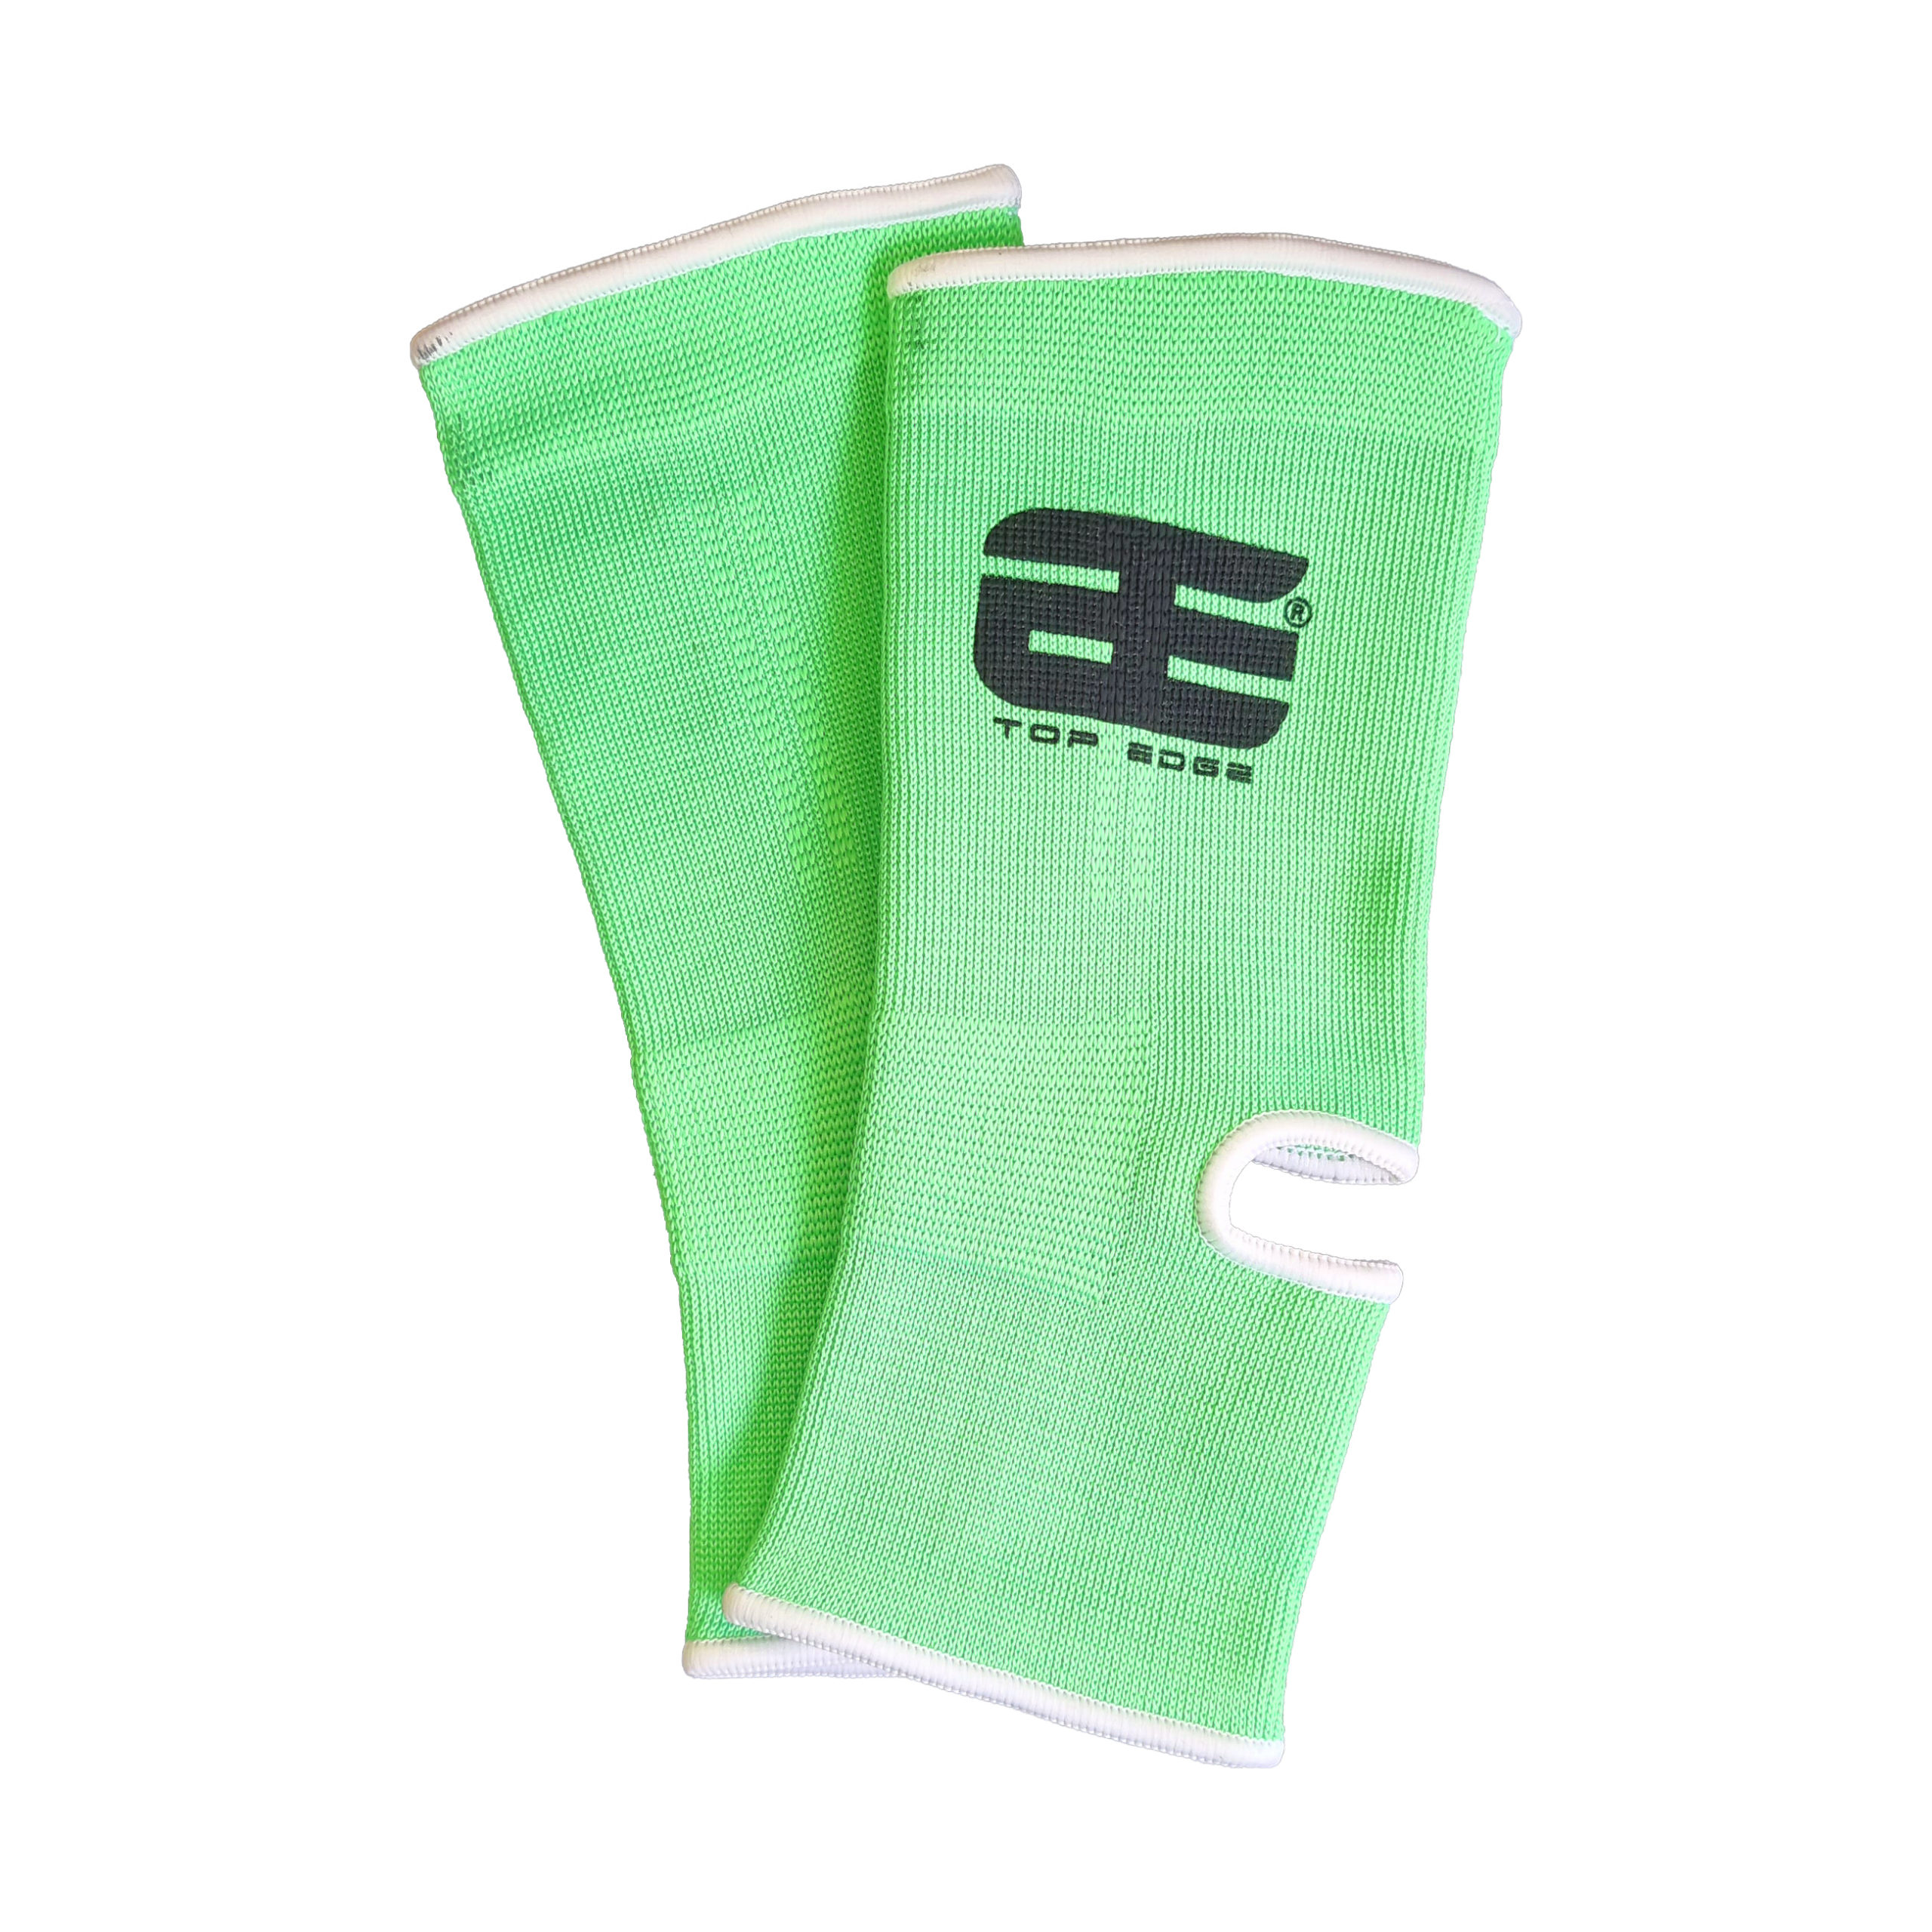 Top Edge Enkelkousen B-Stock - Neon groen